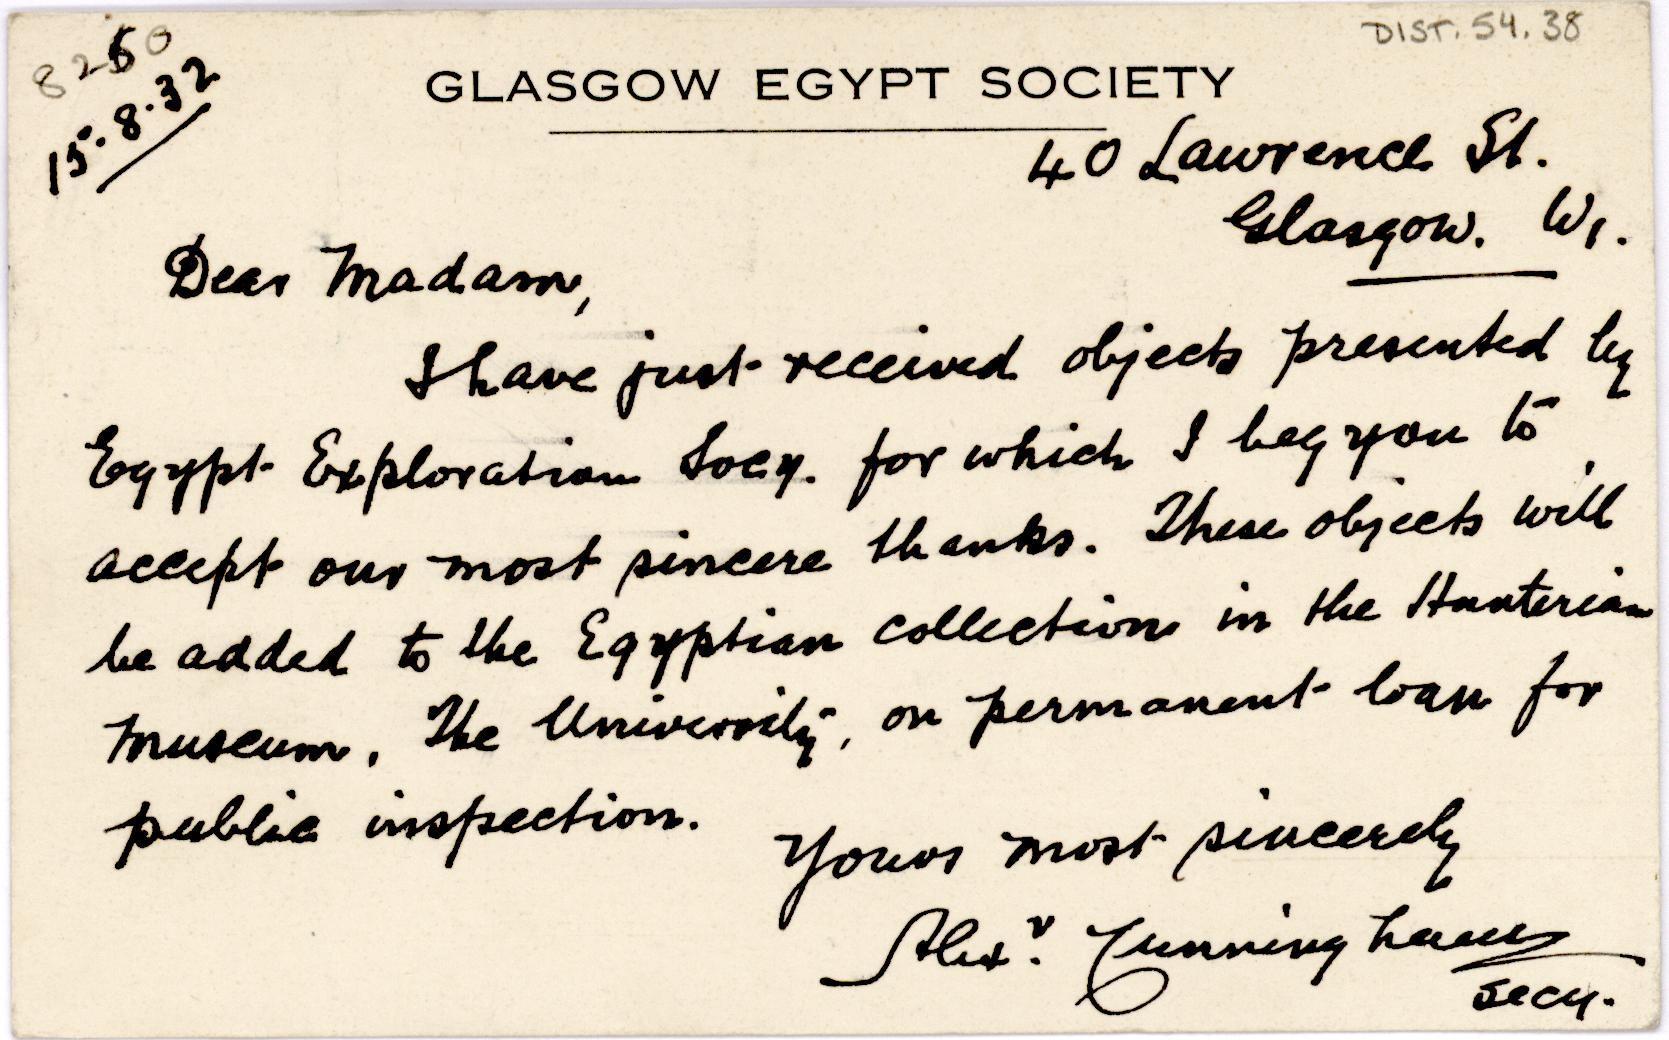 1931-32 el-Amarna and Armant DIST.54.38a